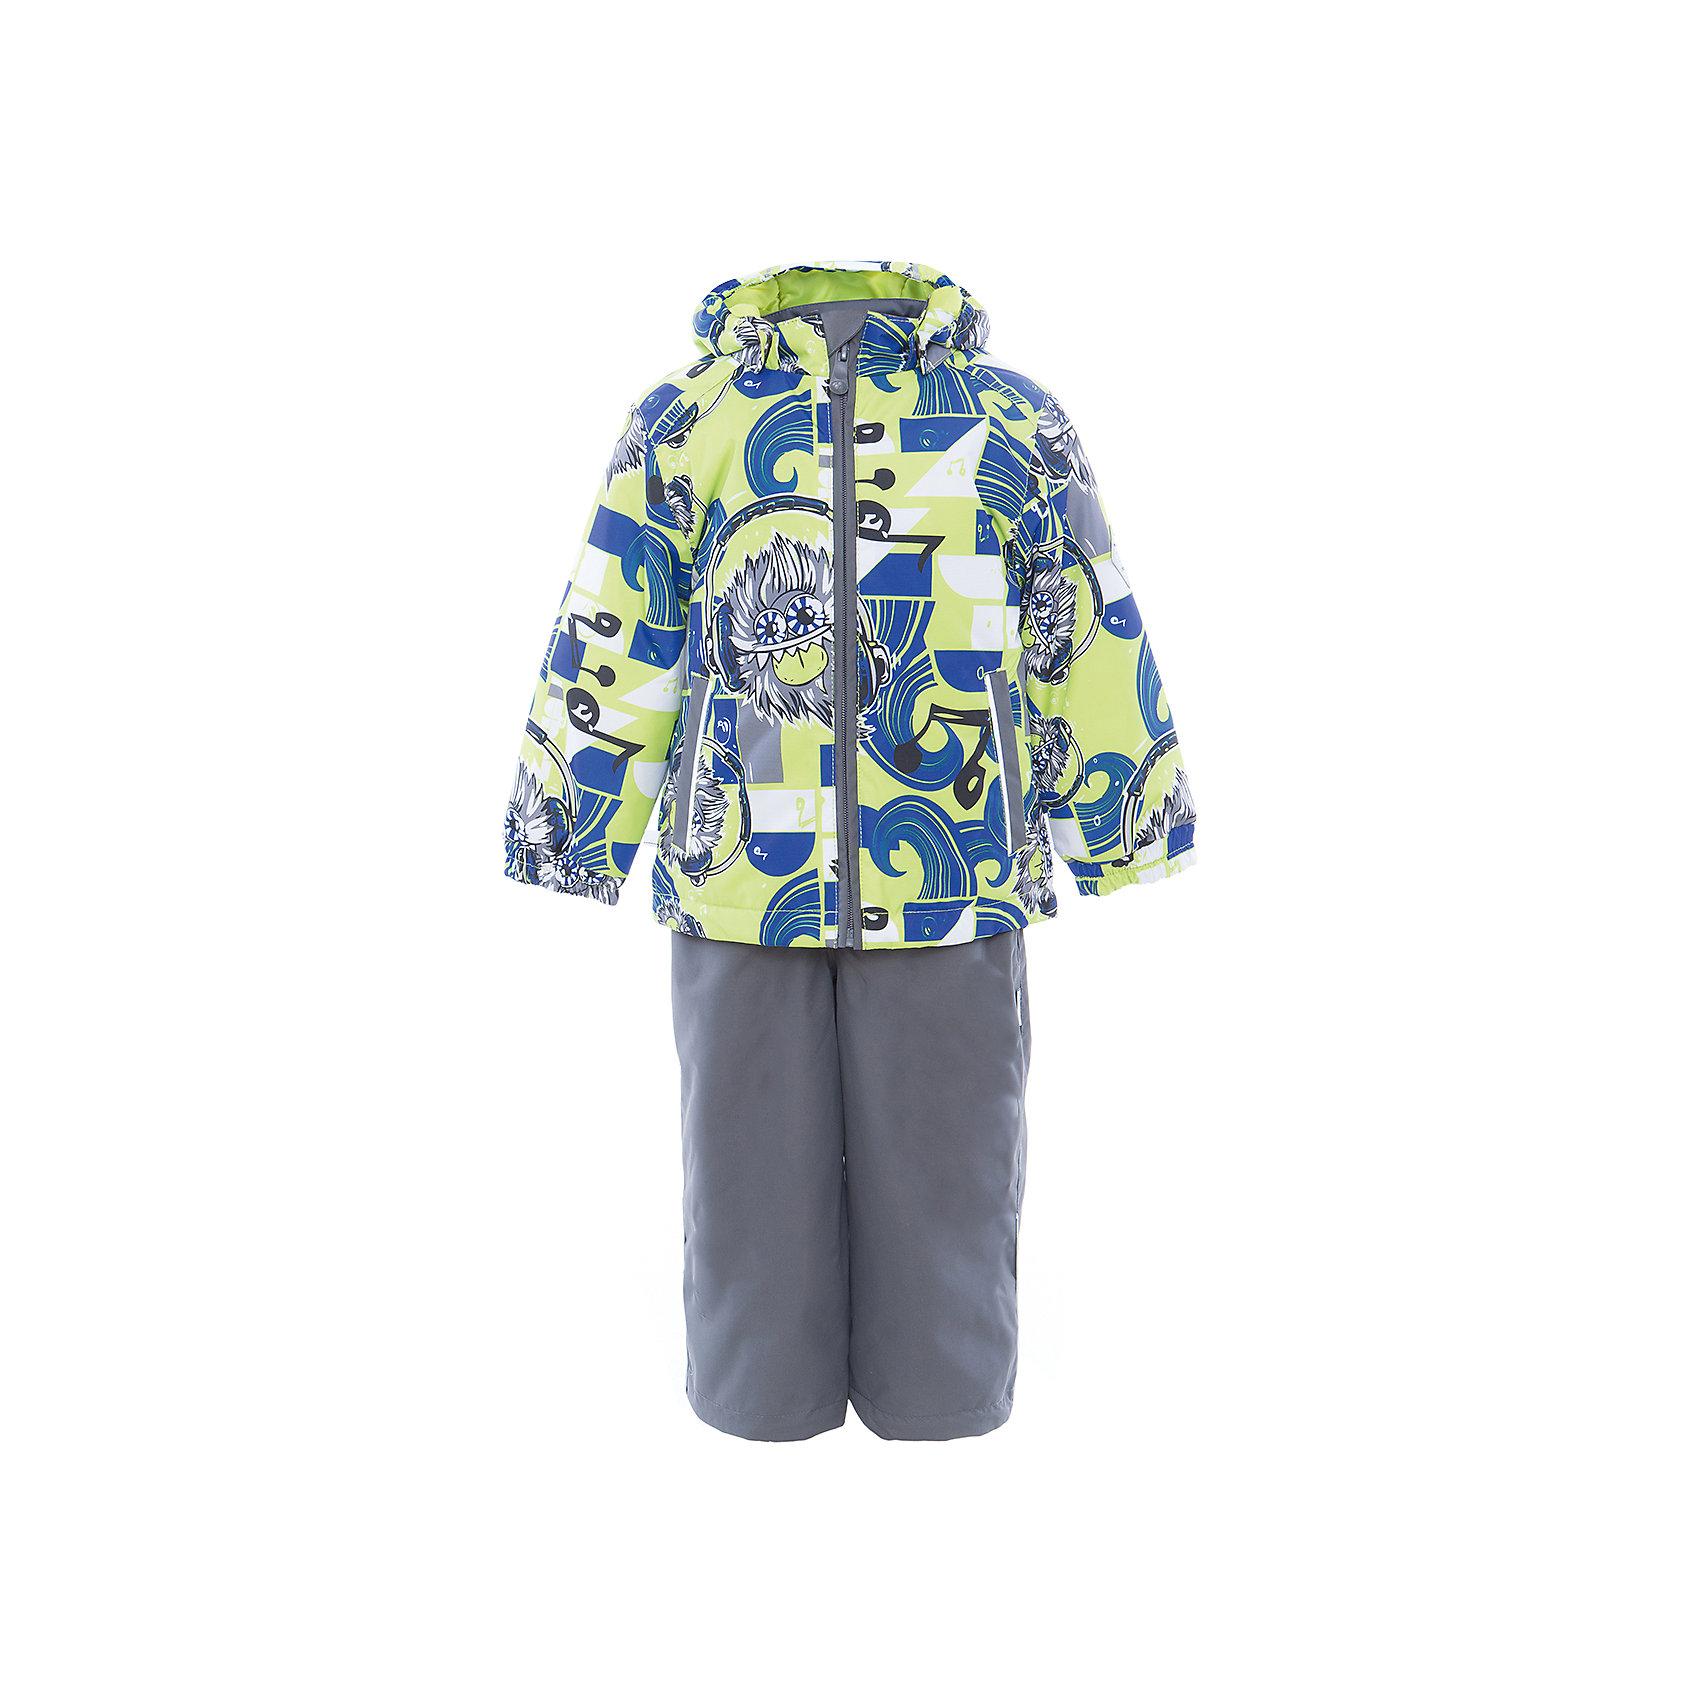 Комплект: куртка и полукомбинезон YOKO для мальчика HuppaКомплекты<br>Характеристики товара:<br><br>• цвет: лайм принт/серый<br>• комплектация: куртка и полукомбинезон <br>• ткань: 100% полиэстер<br>• подкладка: тафта - 100% полиэстер<br>• утеплитель: в куртке и в брюках - 100% полиэстер 100 г<br>• температурный режим: от -5°С до +10°С<br>• водонепроницаемость: 10000 мм<br>• воздухопроницаемость: 10000 мм<br>• светоотражающие детали<br>• шов сидения проклеен<br>• эластичный шнур по низу куртки<br>• эластичный шнур с фиксатором внизу брючин<br>• съёмный капюшон с резинкой<br>• эластичные манжеты рукавов<br>• регулируемые низы брючин<br>• без внутренних швов<br>• резиновые подтяжки<br>• коллекция: весна-лето 2017<br>• страна бренда: Эстония<br><br>Такой модный демисезонный комплект  обеспечит детям тепло и комфорт. Он сделан из материала, отталкивающего воду, и дополнен подкладкой с утеплителем, поэтому изделие идеально подходит для межсезонья. Материал изделий - с мембранной технологией: защищая от влаги и ветра, он легко выводит лишнюю влагу наружу. Комплект очень симпатично смотрится. <br><br>Одежда и обувь от популярного эстонского бренда Huppa - отличный вариант одеть ребенка можно и комфортно. Вещи, выпускаемые компанией, качественные, продуманные и очень удобные. Для производства изделий используются только безопасные для детей материалы. Продукция от Huppa порадует и детей, и их родителей!<br><br>Комплект: куртка и полукомбинезон YOKO от бренда Huppa (Хуппа) можно купить в нашем интернет-магазине.<br><br>Ширина мм: 356<br>Глубина мм: 10<br>Высота мм: 245<br>Вес г: 519<br>Цвет: зеленый<br>Возраст от месяцев: 18<br>Возраст до месяцев: 24<br>Пол: Мужской<br>Возраст: Детский<br>Размер: 92,122,98,104,110,116<br>SKU: 5346739